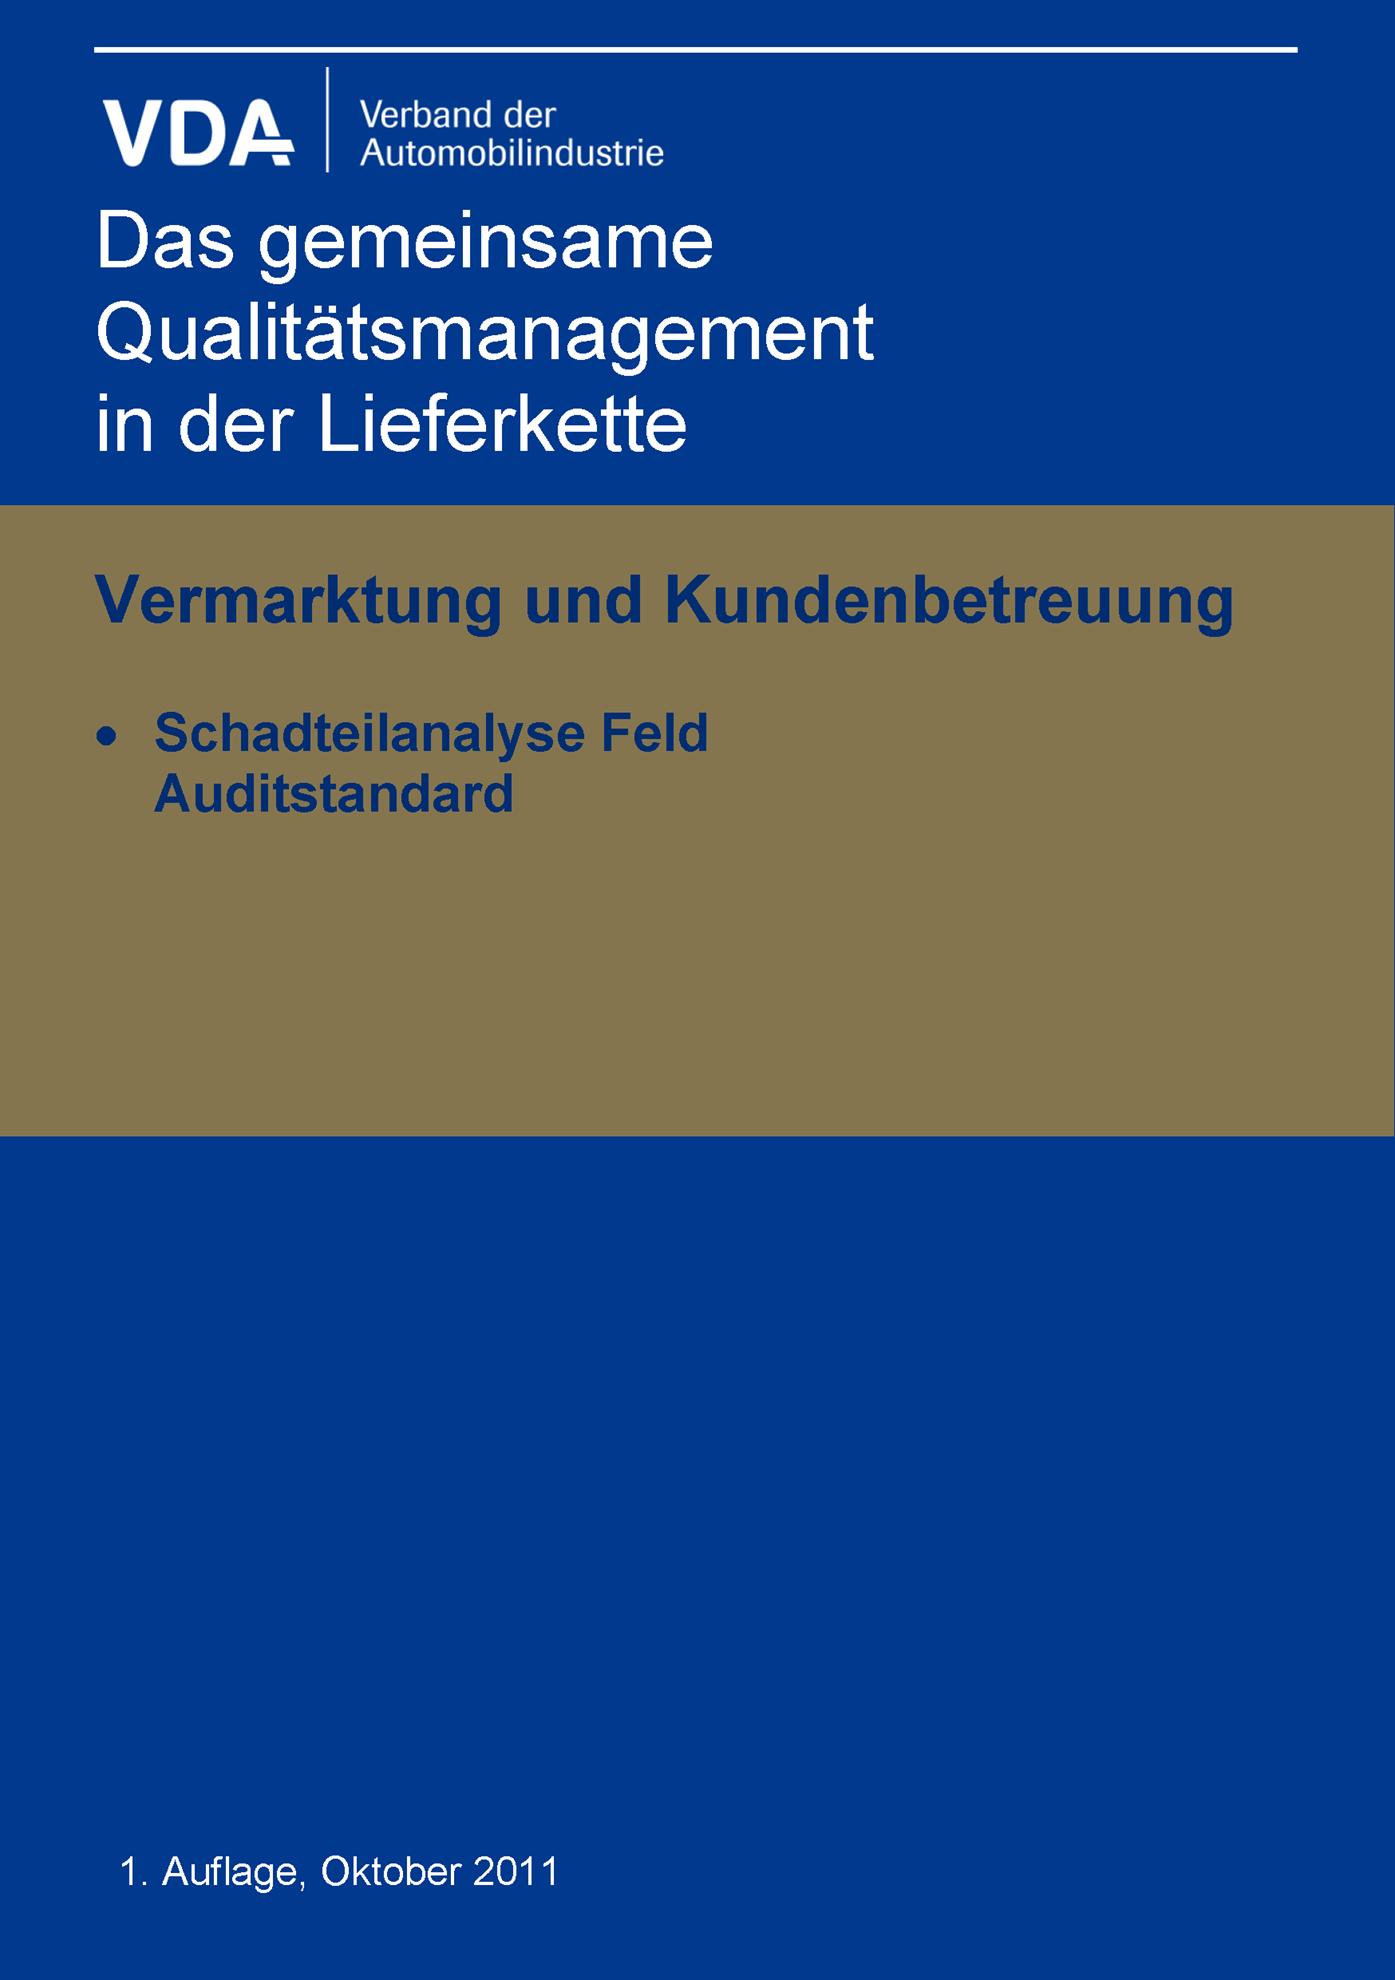 Bild von e-Schadteilanalyse Feld / Auditstandard